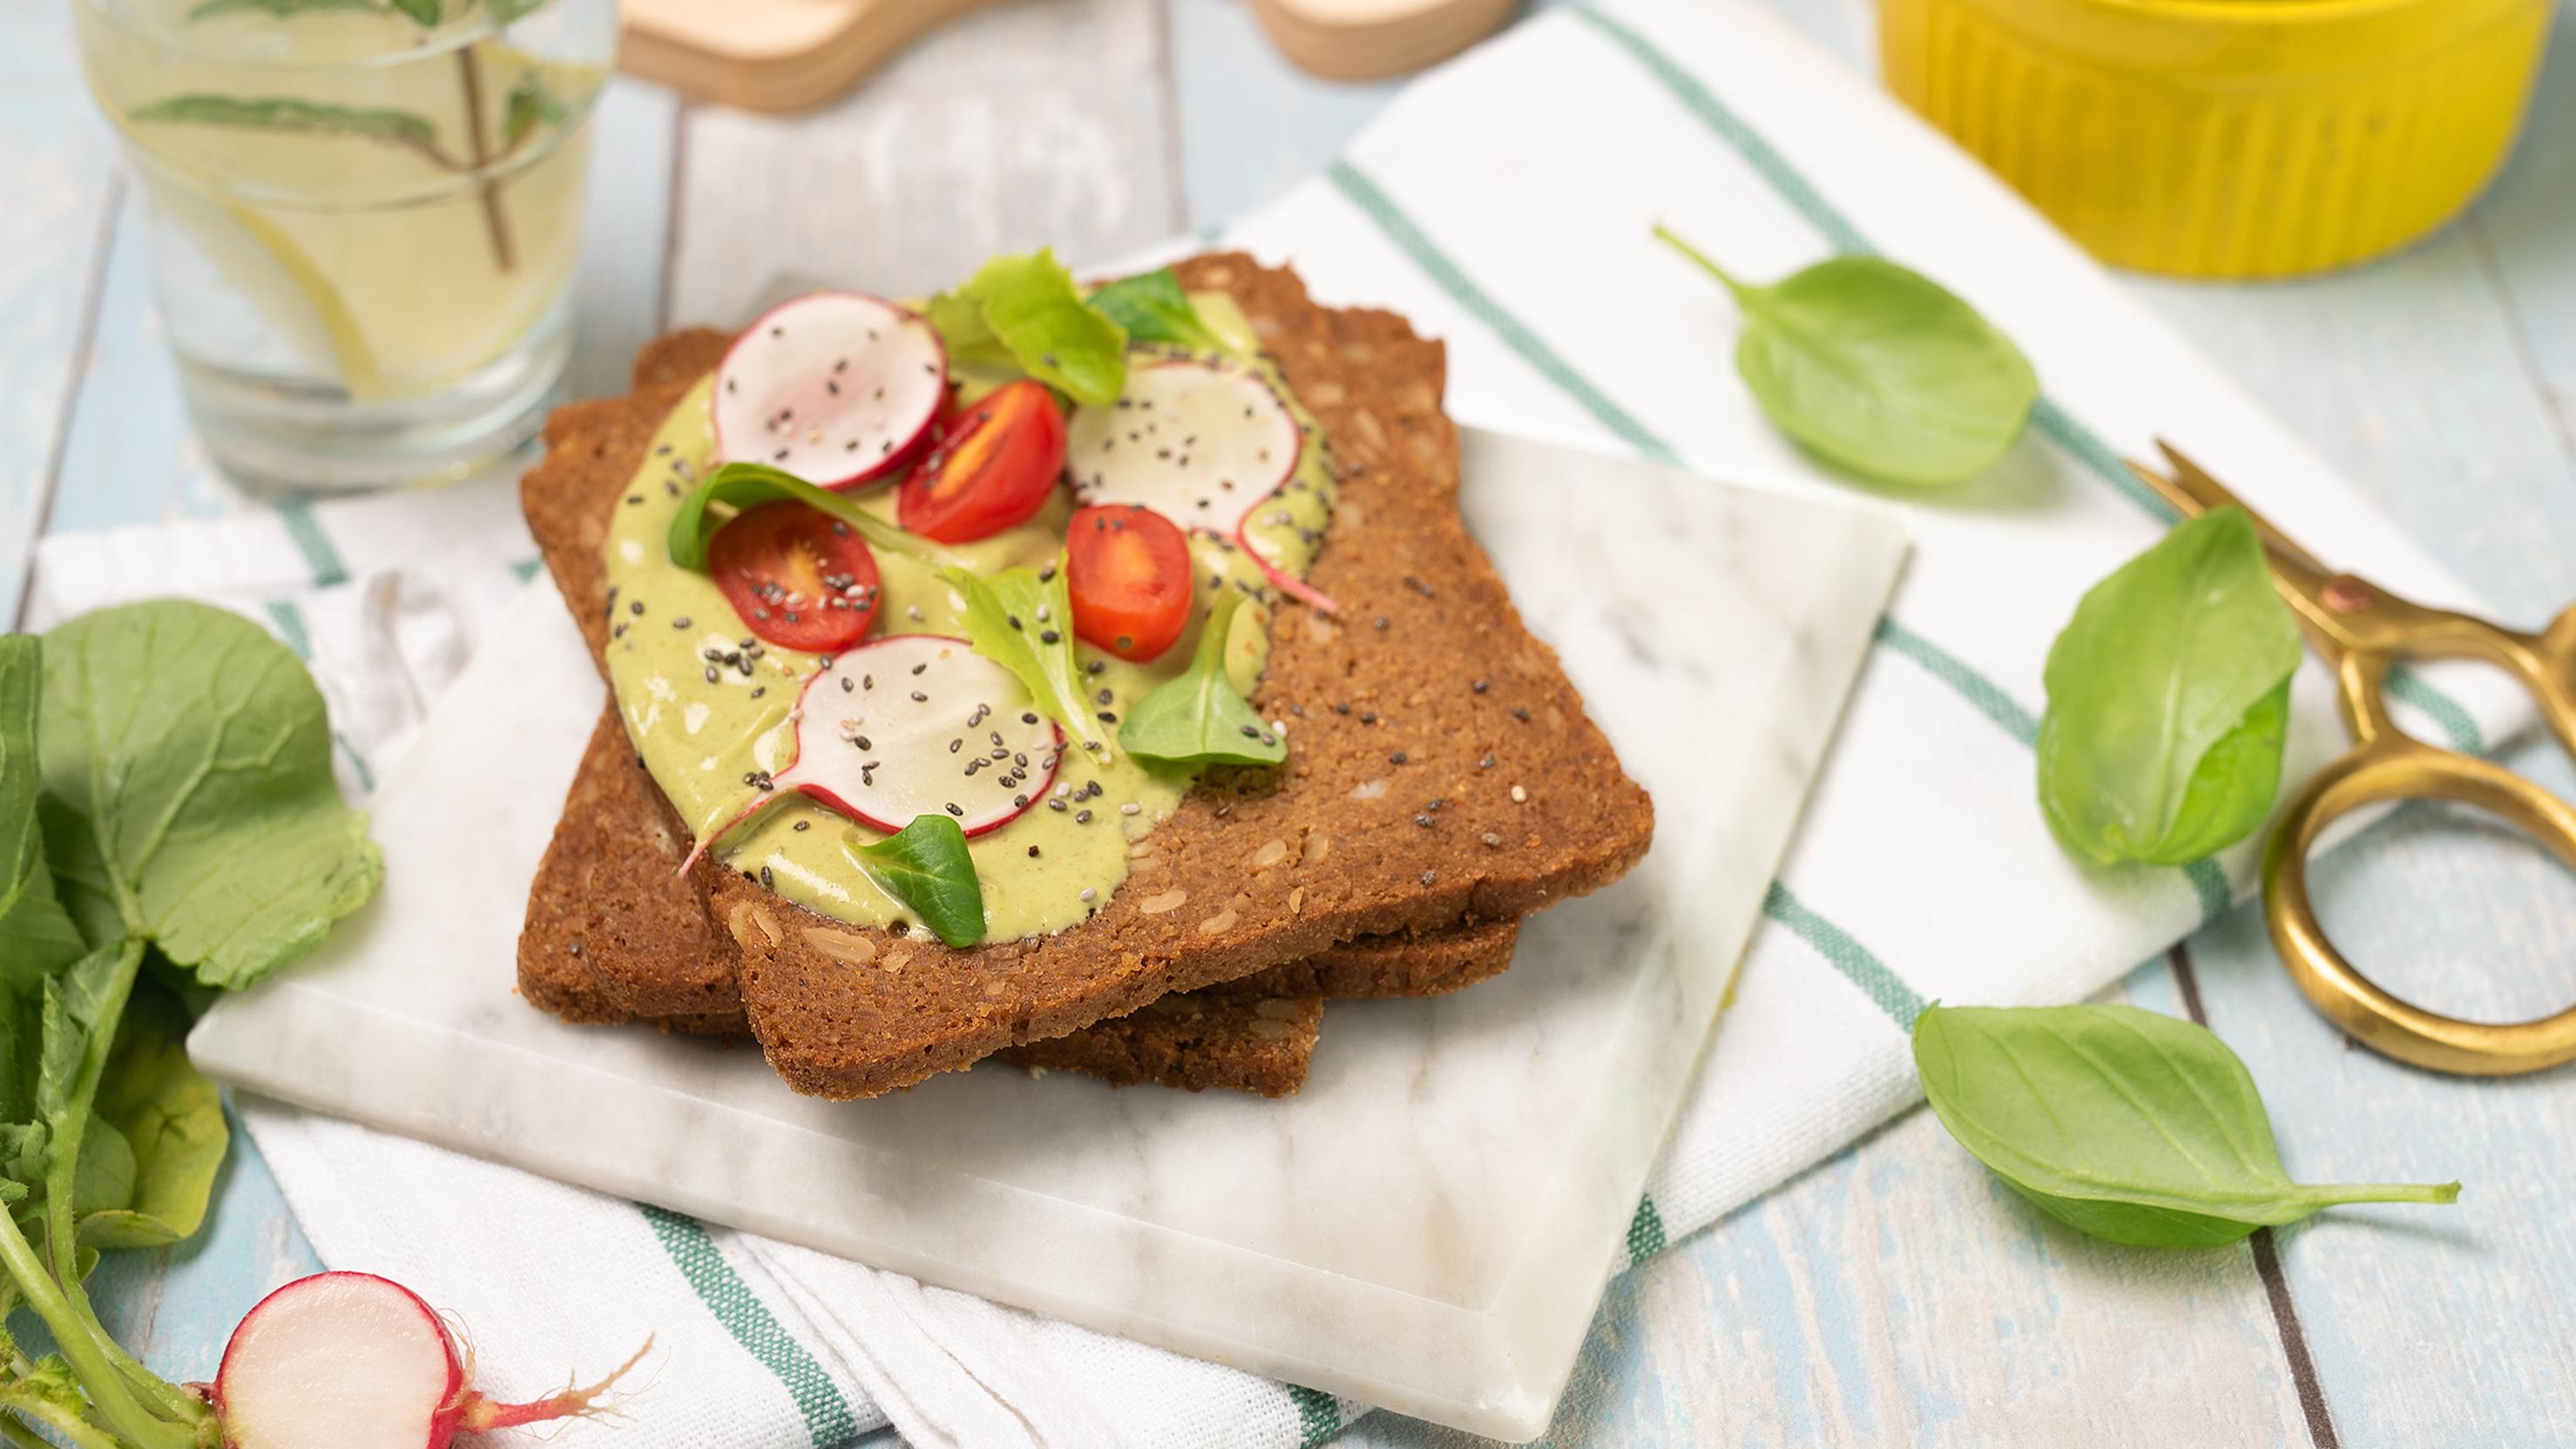 Brezglutenski polnovredni kruh iz polnovrednega riža in ajde – Vollkornbrot